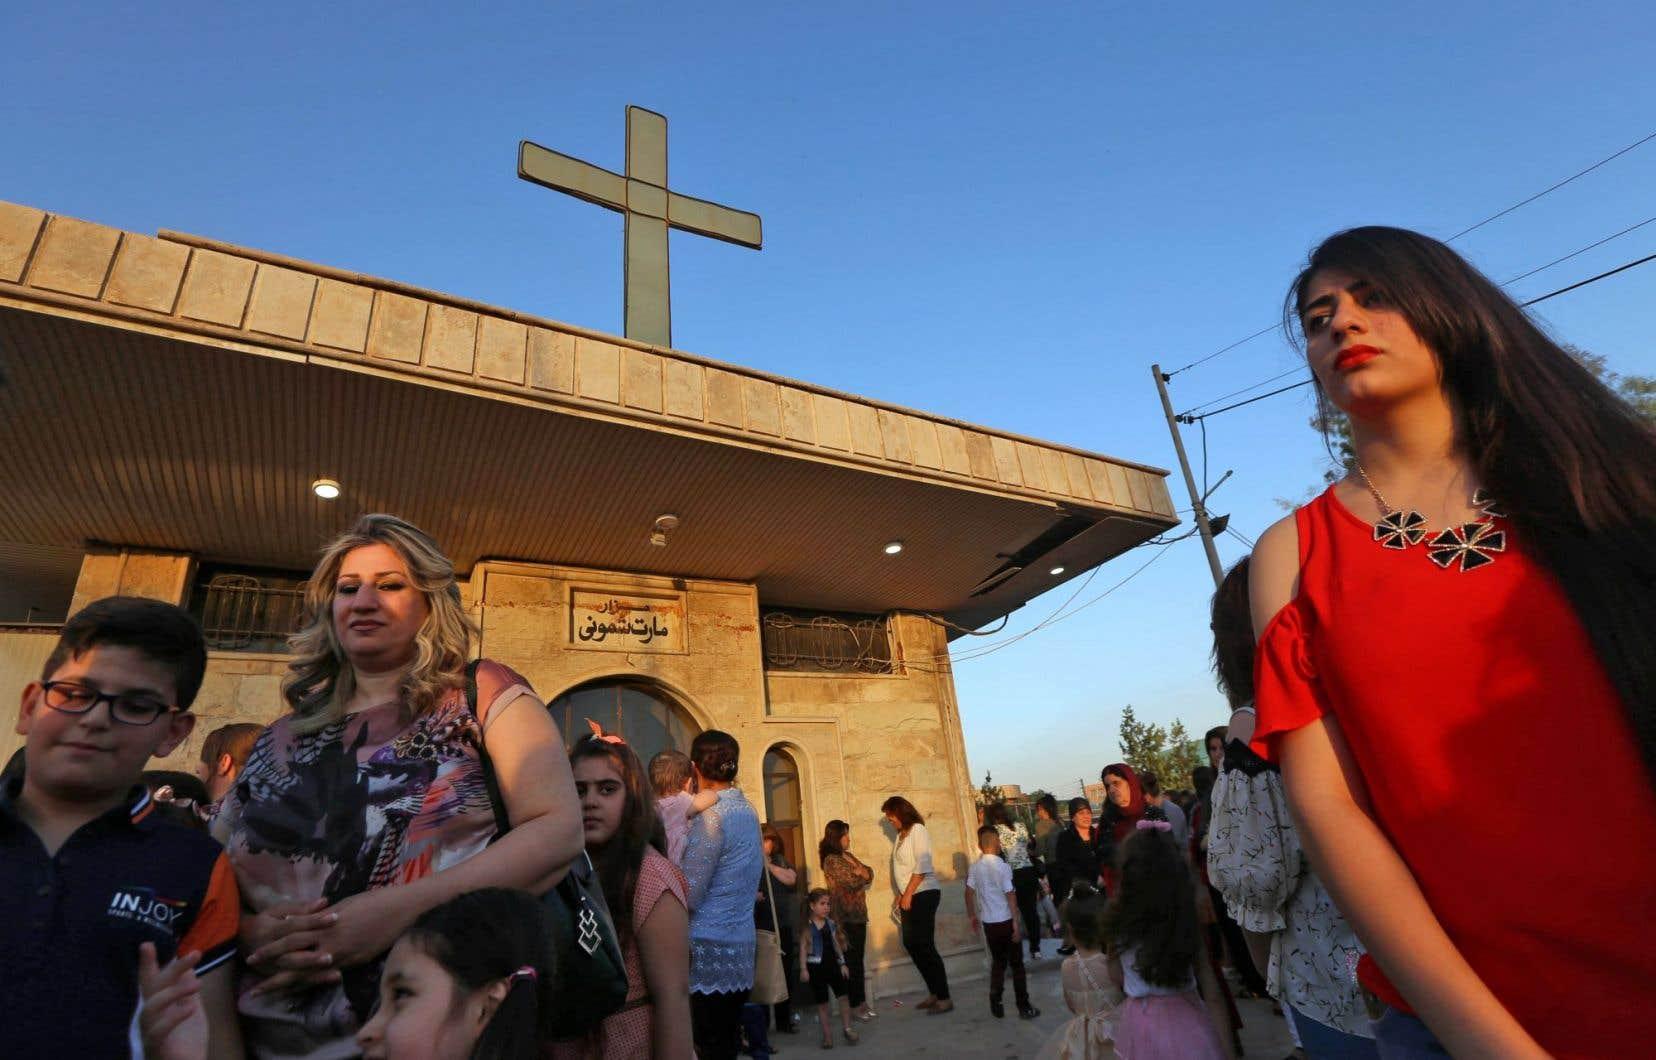 «Alors qu'ils étaient quelque 1,5million en 2003, les chrétiens d'Irak sont à peine 250000 aujourd'hui, dont la moitié a été déplacée de force par le groupe État islamique en 2014», remarque l'auteur.